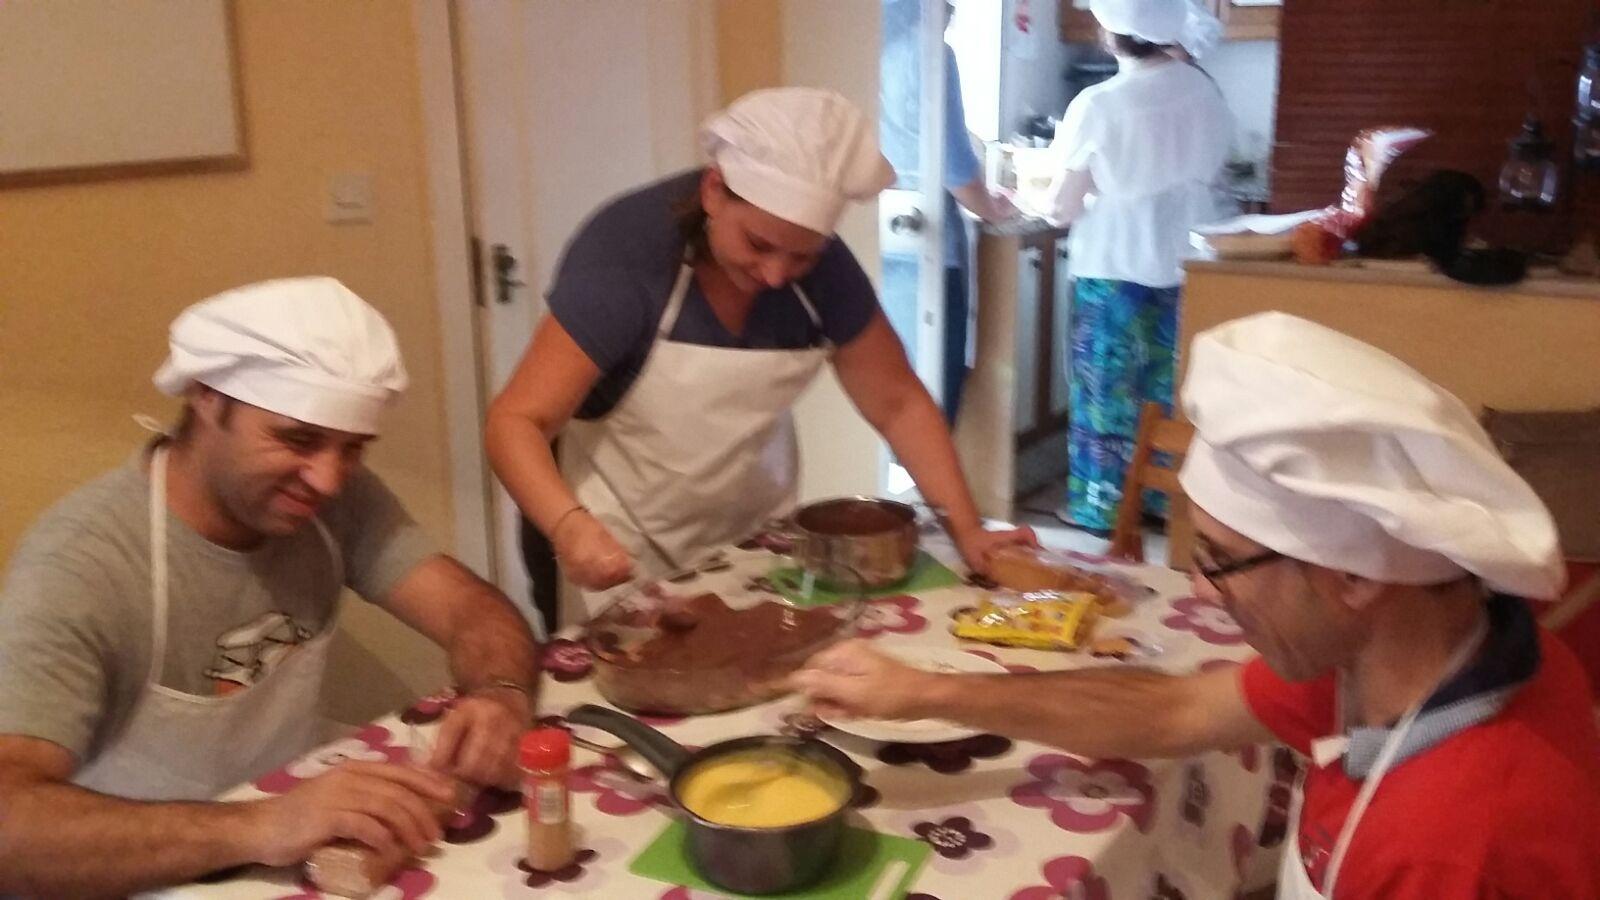 Taller de cocina de gola cocinando ilusiones gola - Taller de cocina sevilla ...